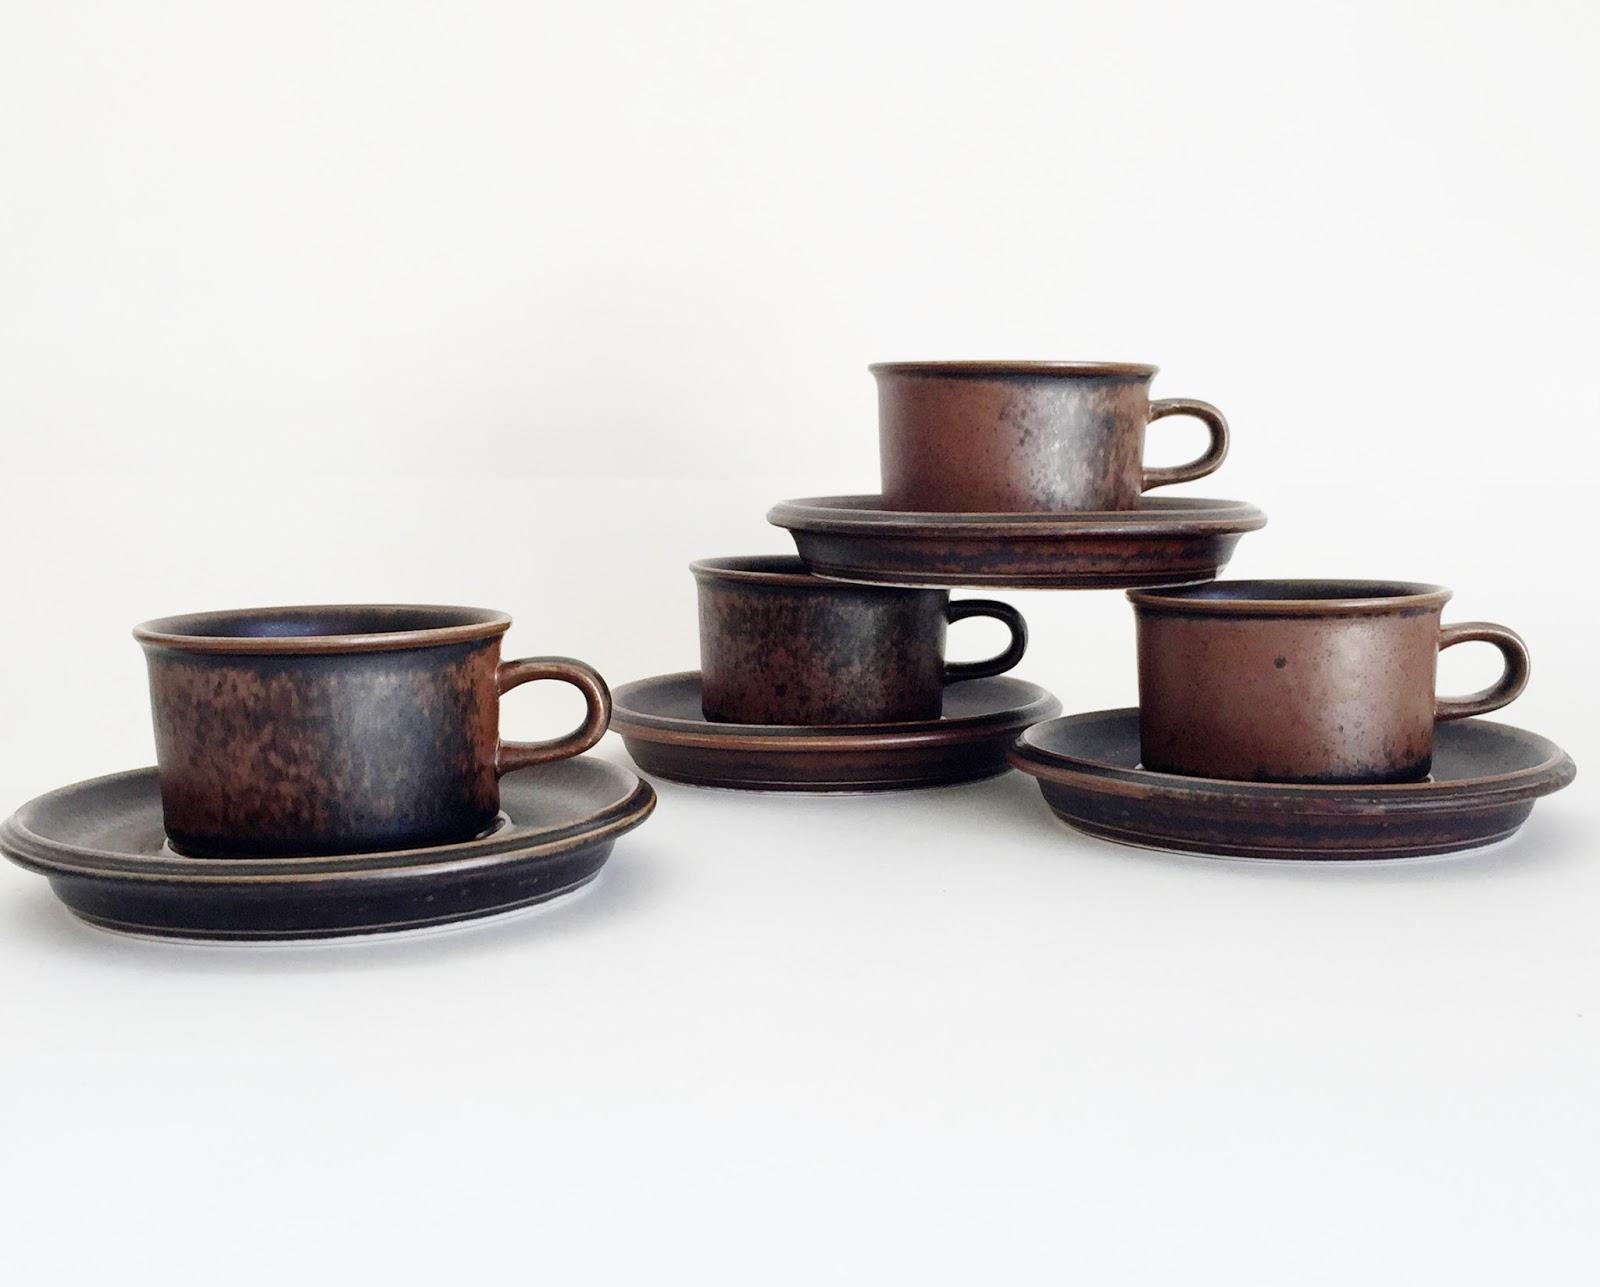 Arabia Ruska Demitasse/Espresso Cups & thankhugh: March 2016